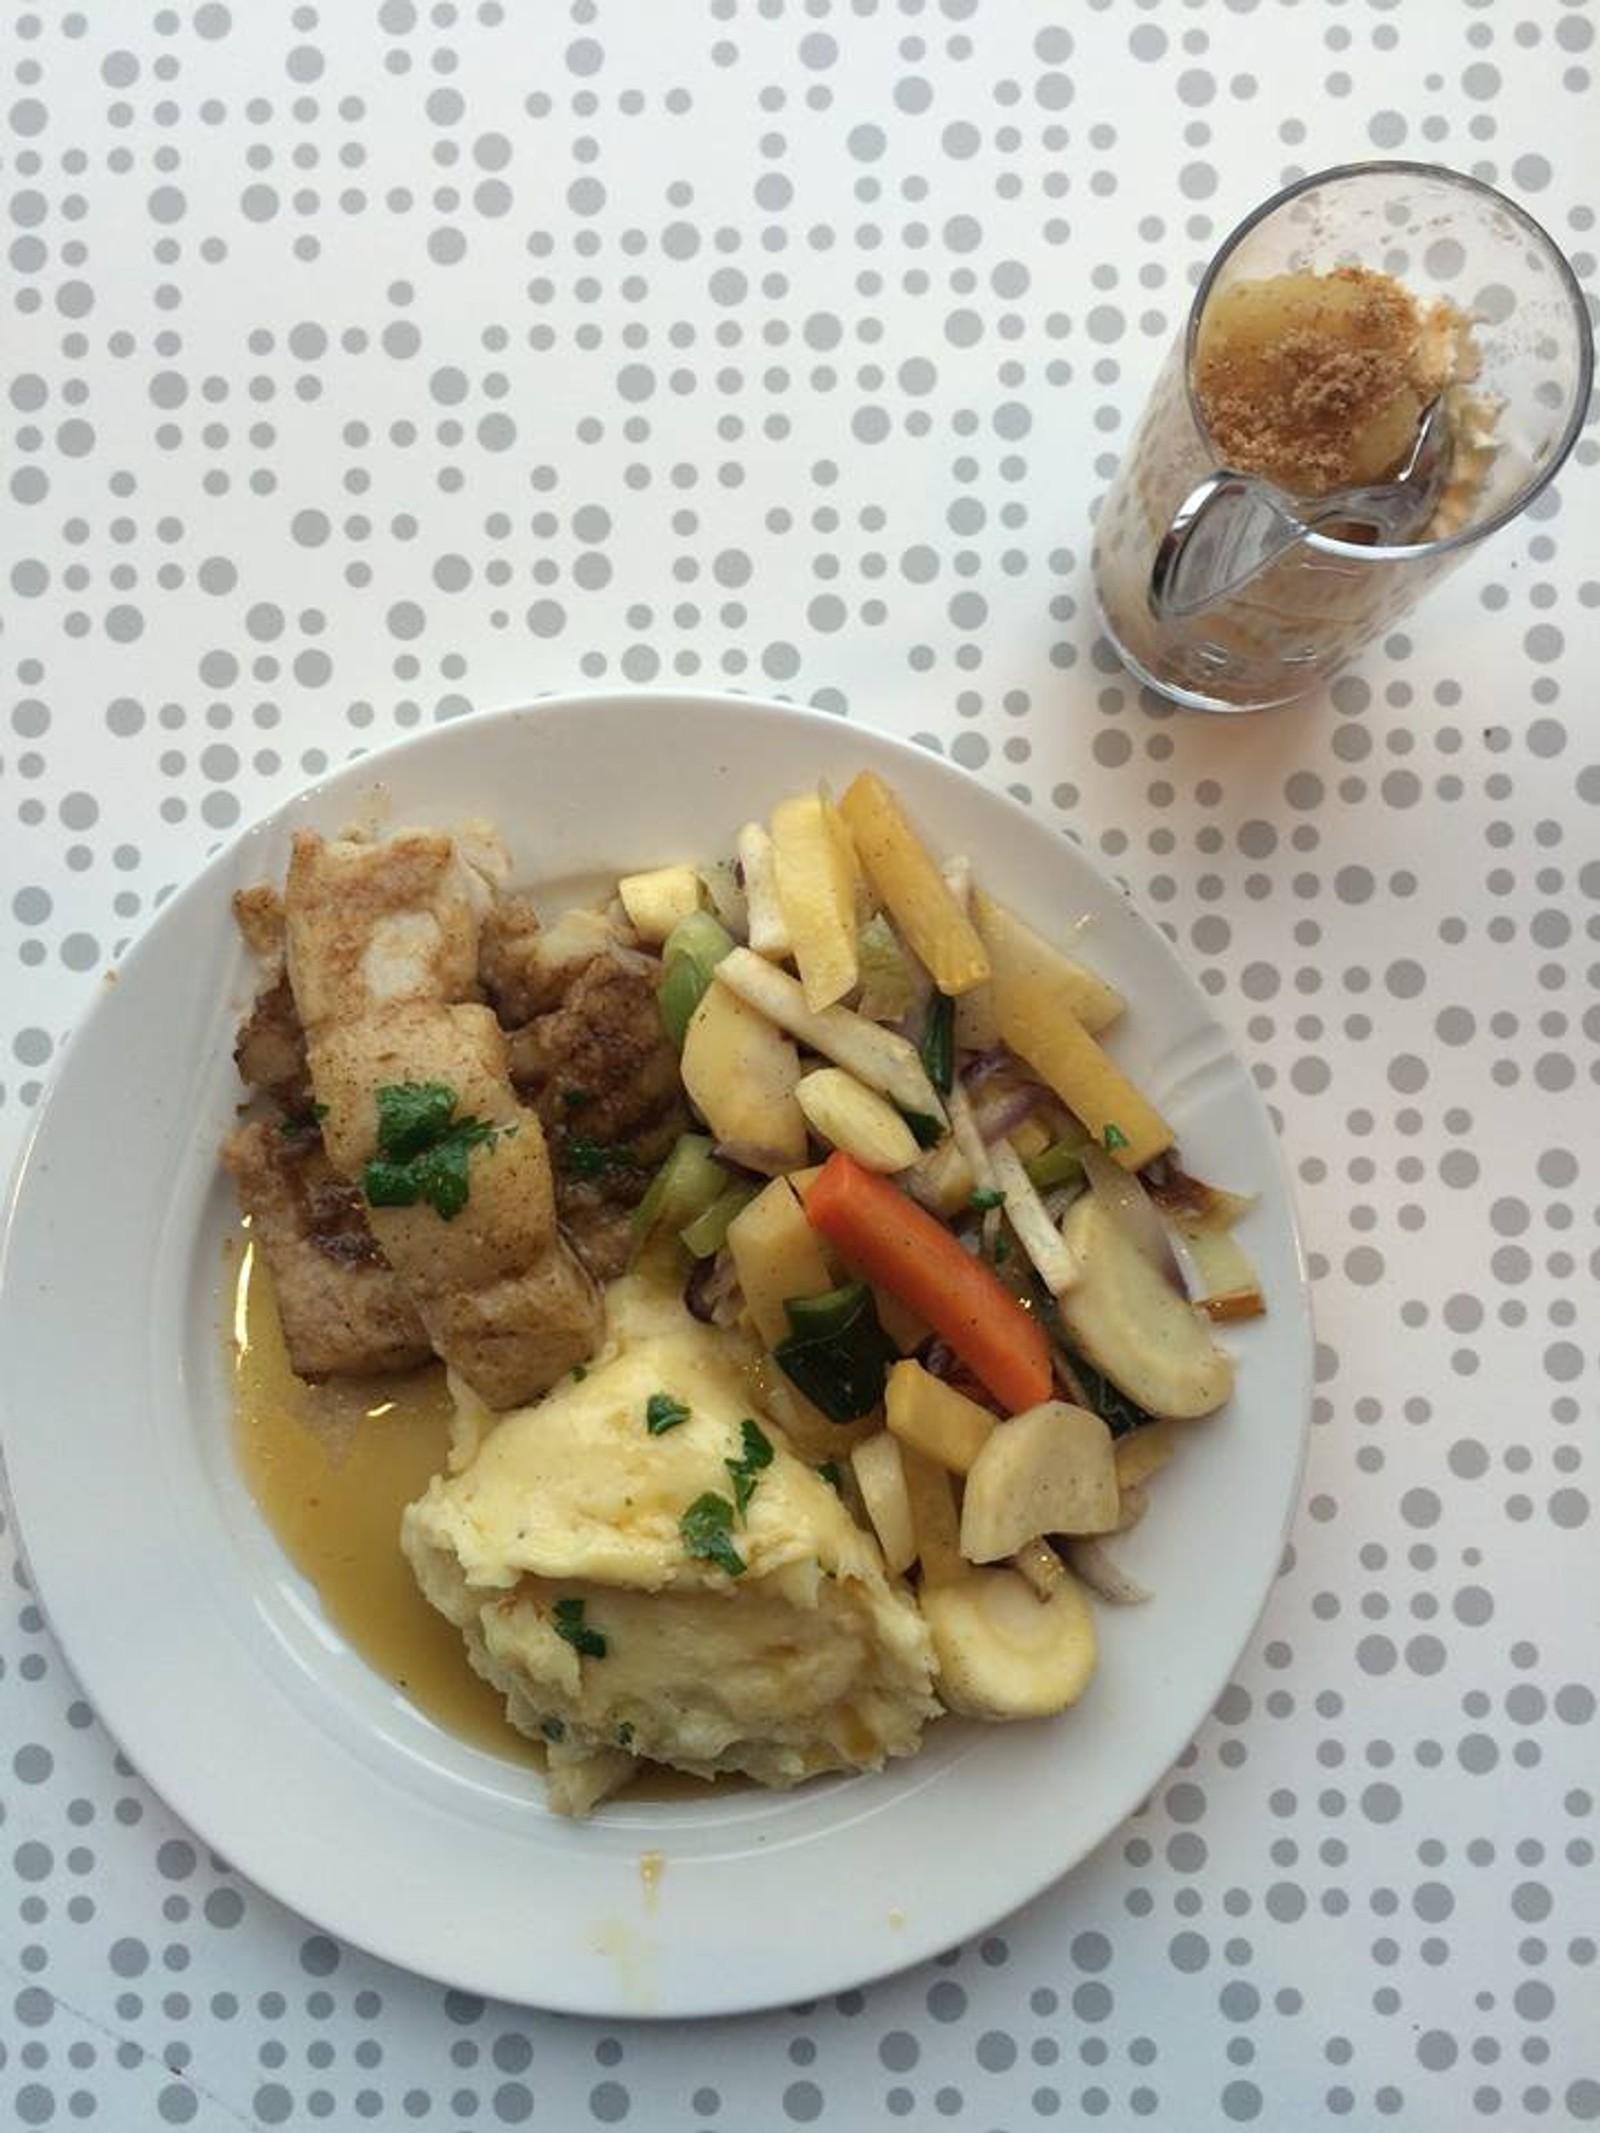 OLSVIKÅSEN: Testvinneren. Dette måltidet var en gourmetrestaurant verdig, mener panelet.